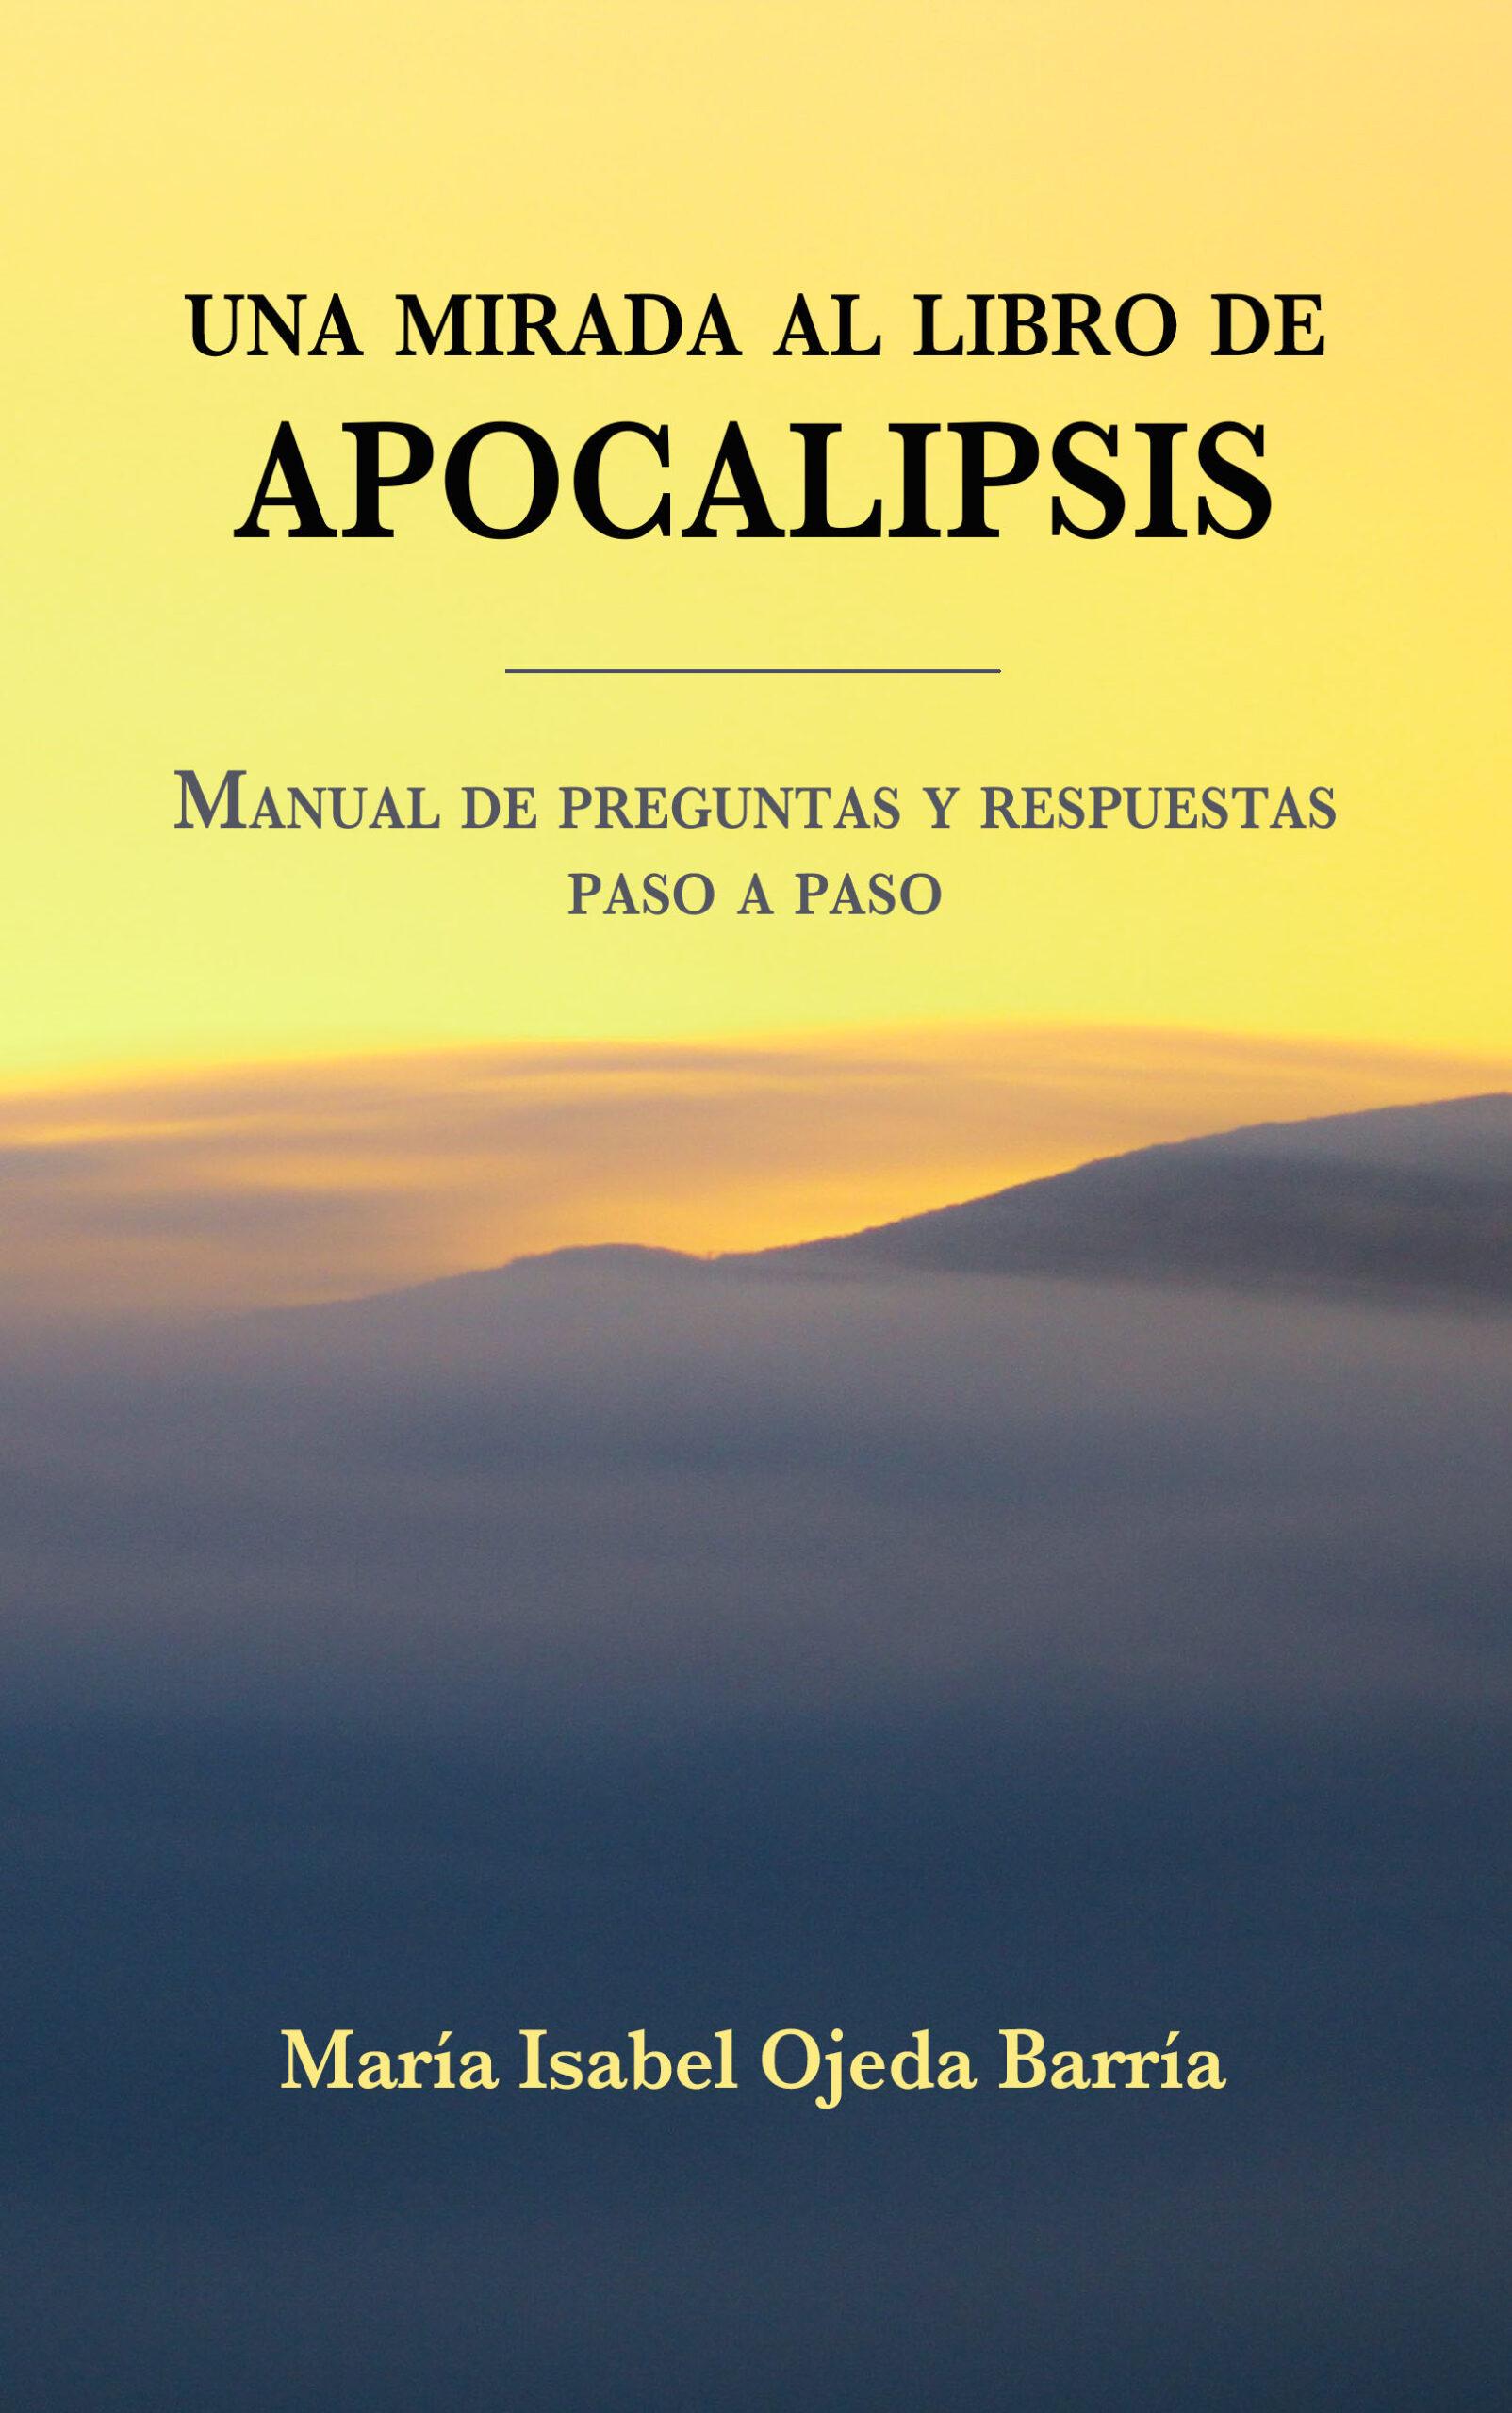 Una mirada al libro del Apocalipsis, de María Isabel Ojeda Barría